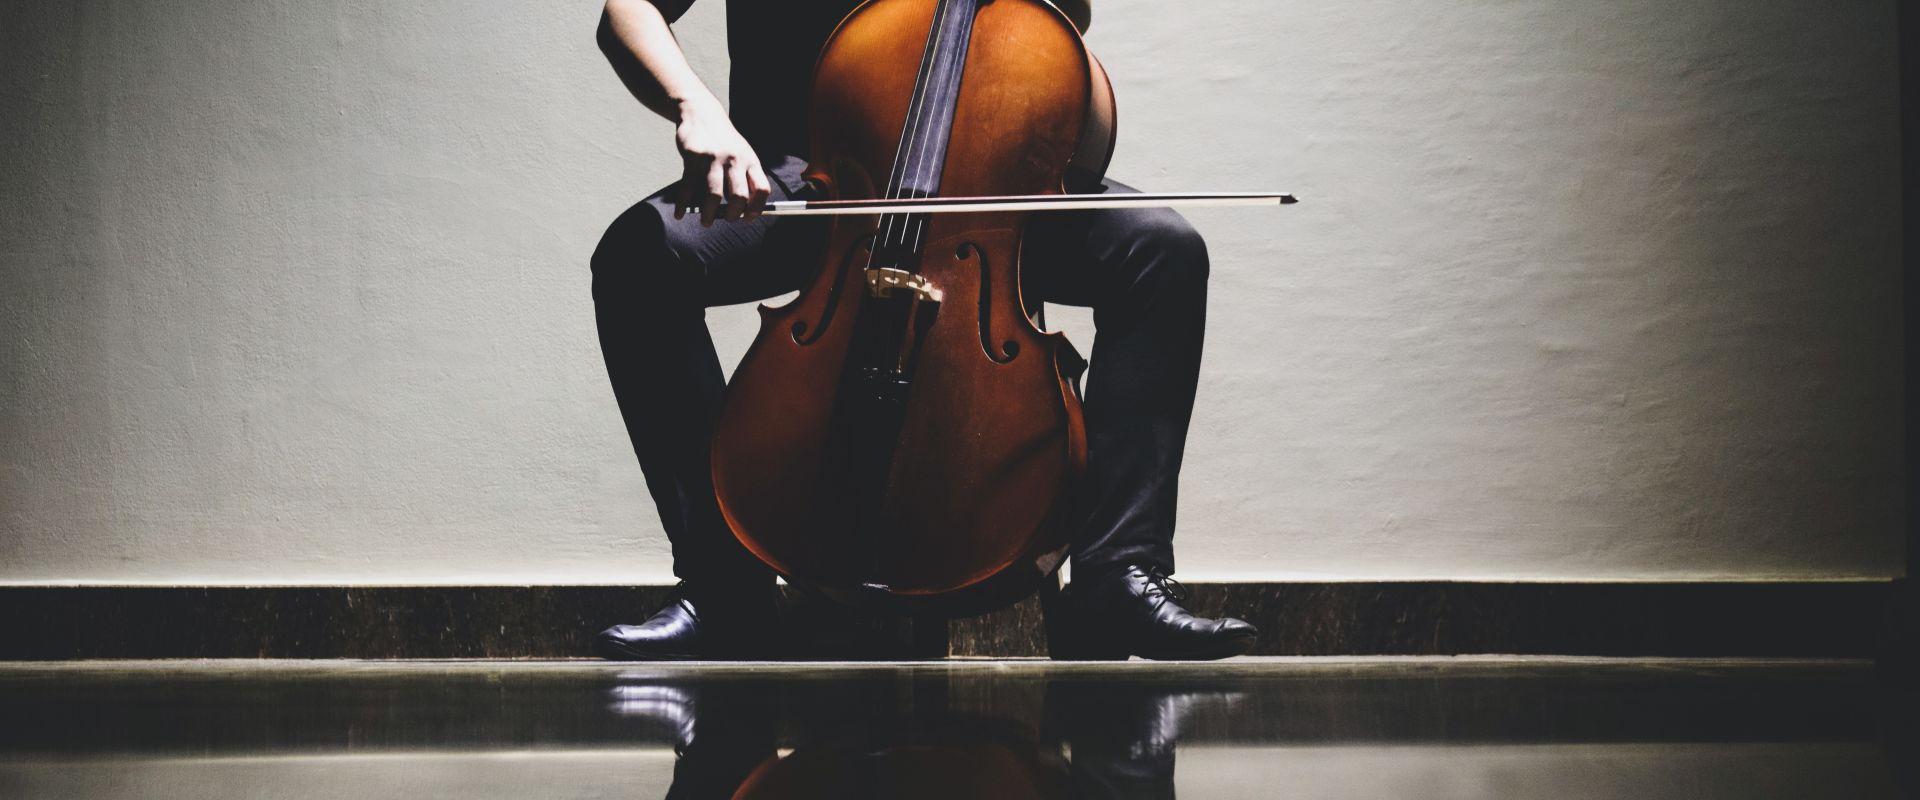 Titelbild des Blogartikels Alles über Cello: was du wissen musst